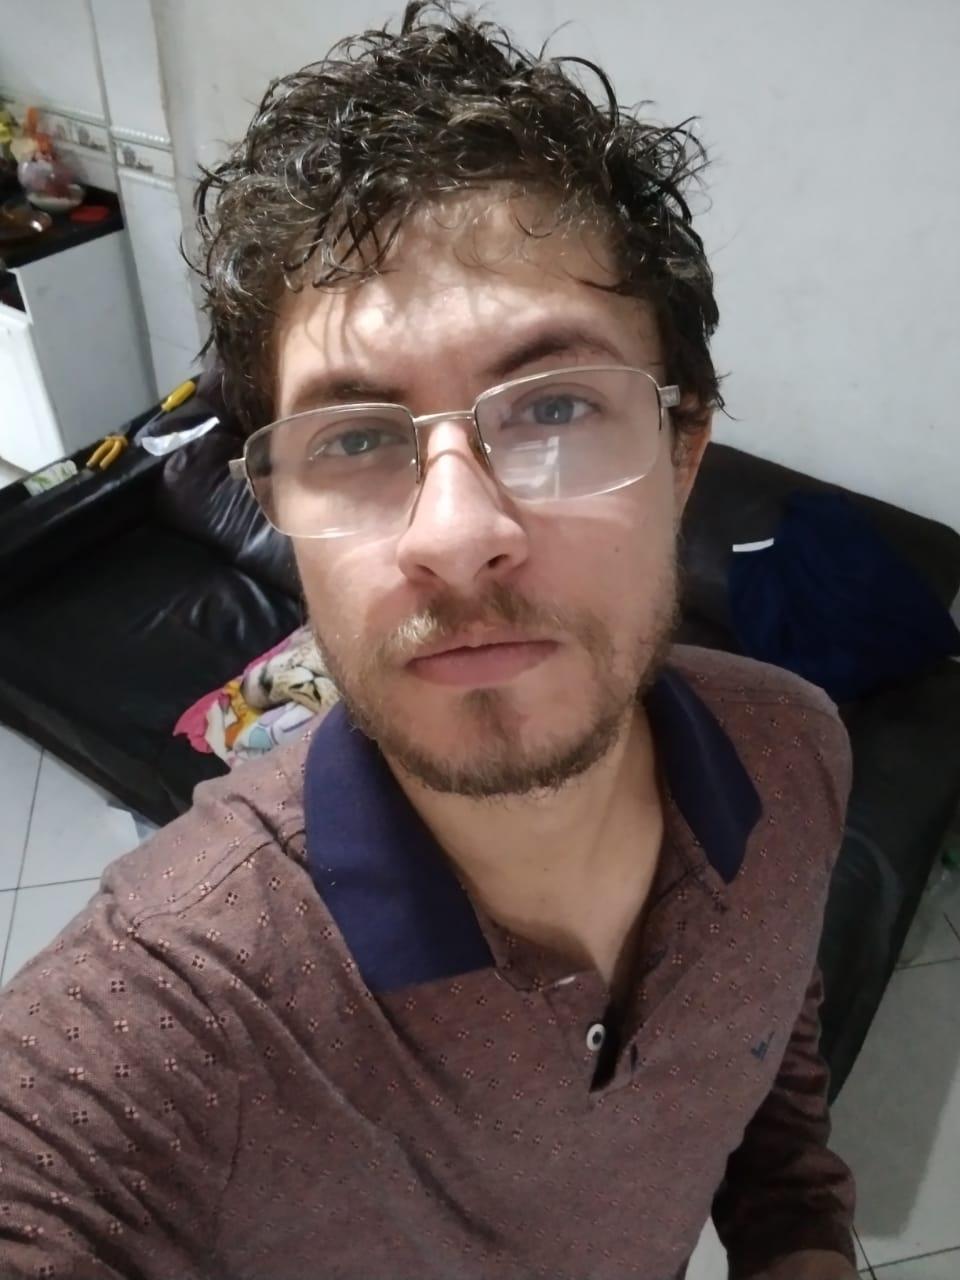 Jeison Sousa